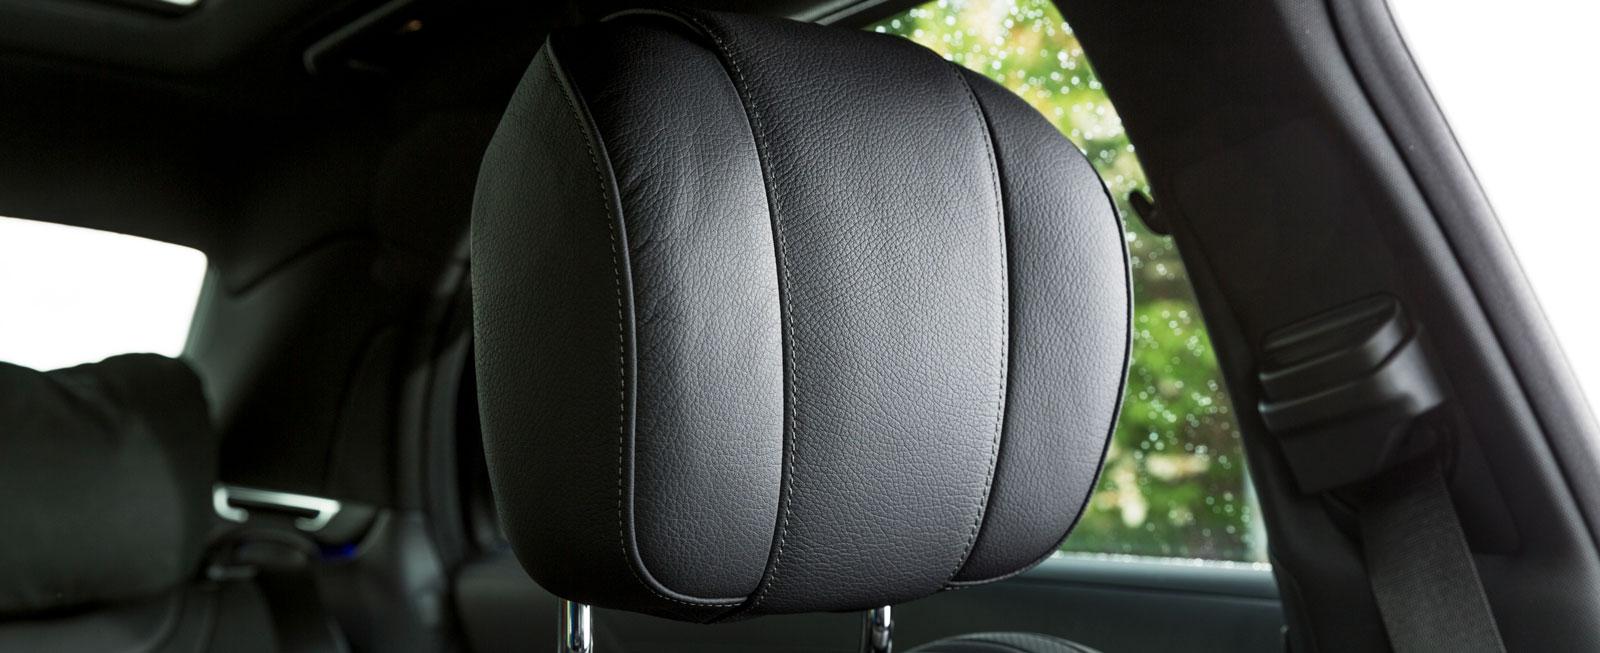 Nackstödet ställer in sig automatiskt efter förarens längd, beräknat efter stolens avstånd till ratt och pedaler, för att ge bästa möjliga skydd.